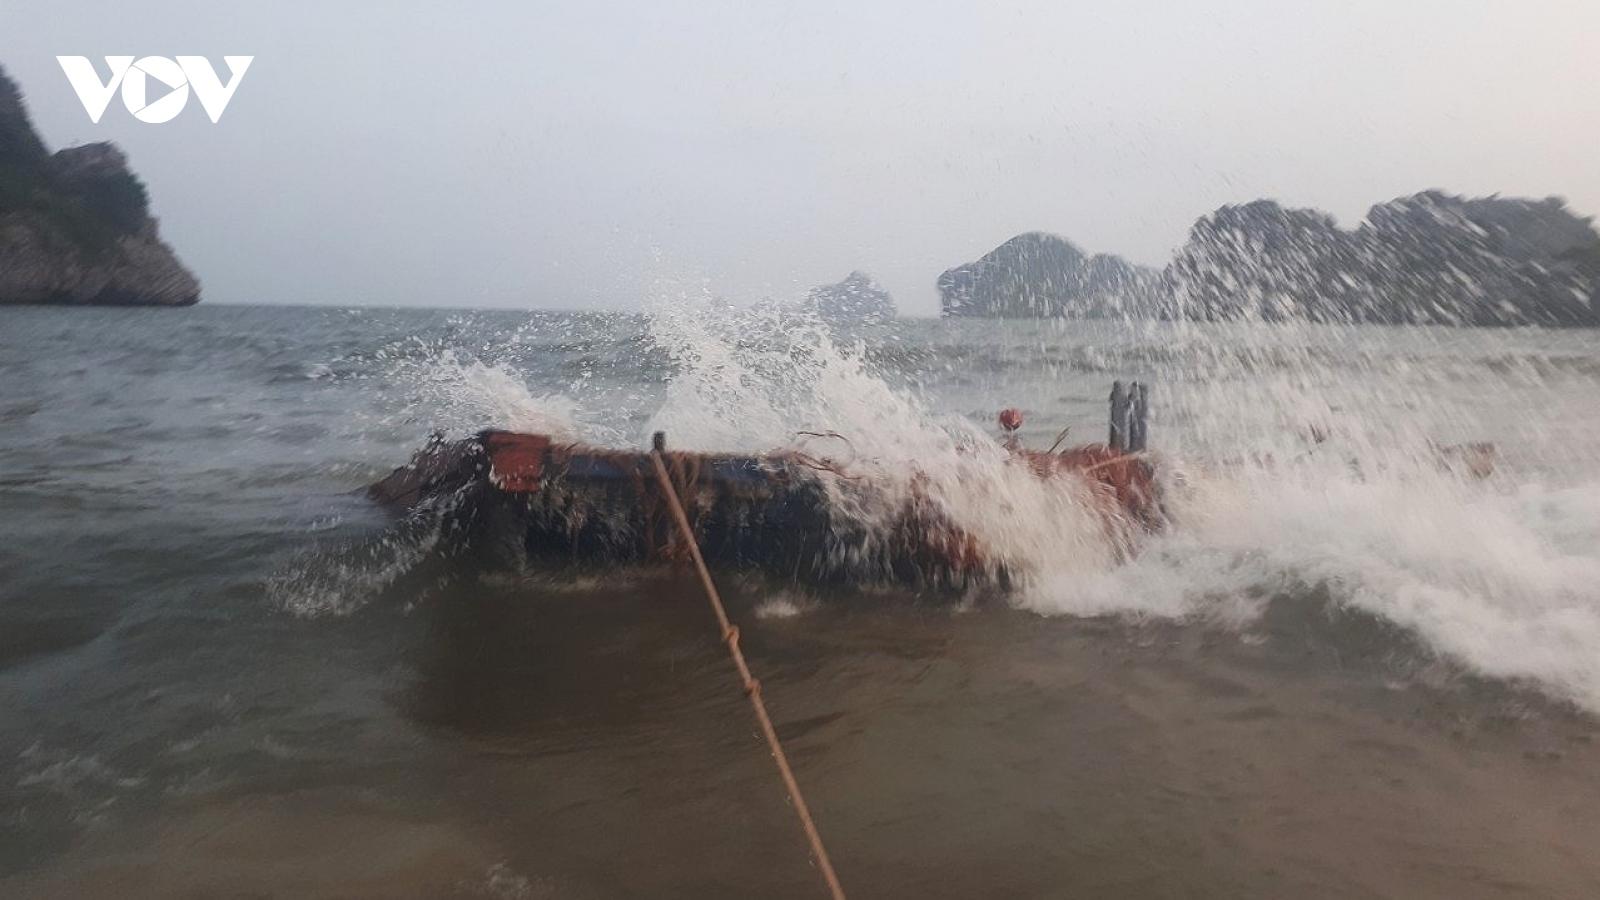 Cứu nạn thành công 2 người gặp nạn trên biển Cát Bà